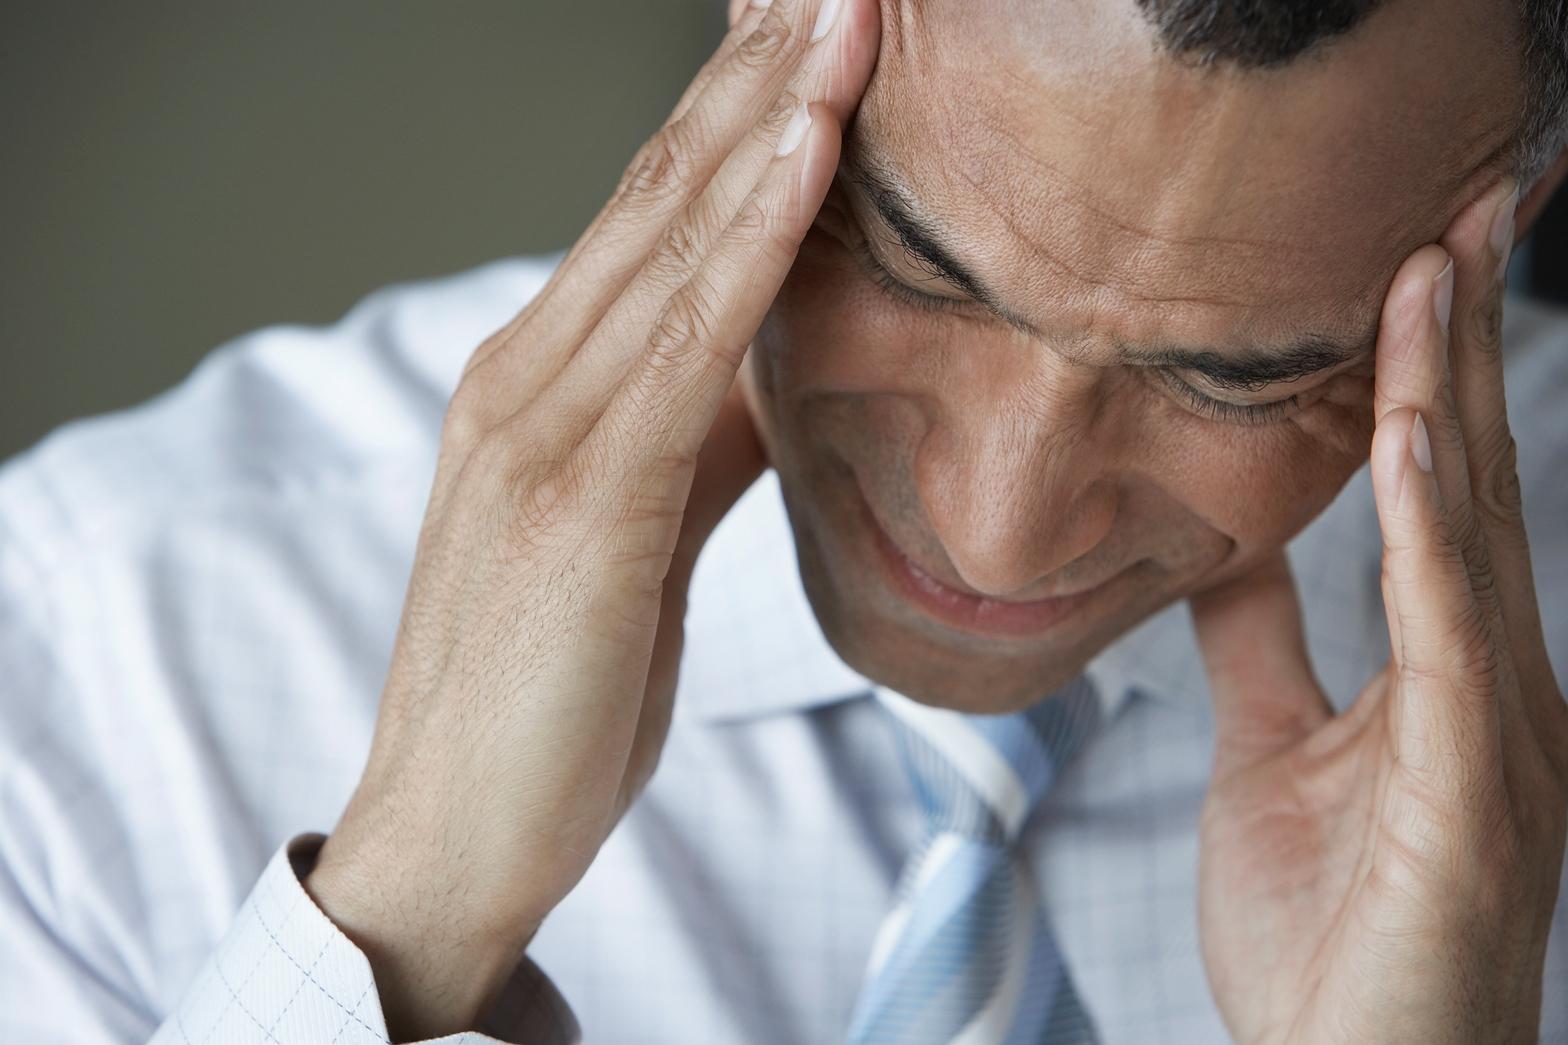 Πέντε τρόποι να προστατέψετε το μυαλό και την καριέρα σας